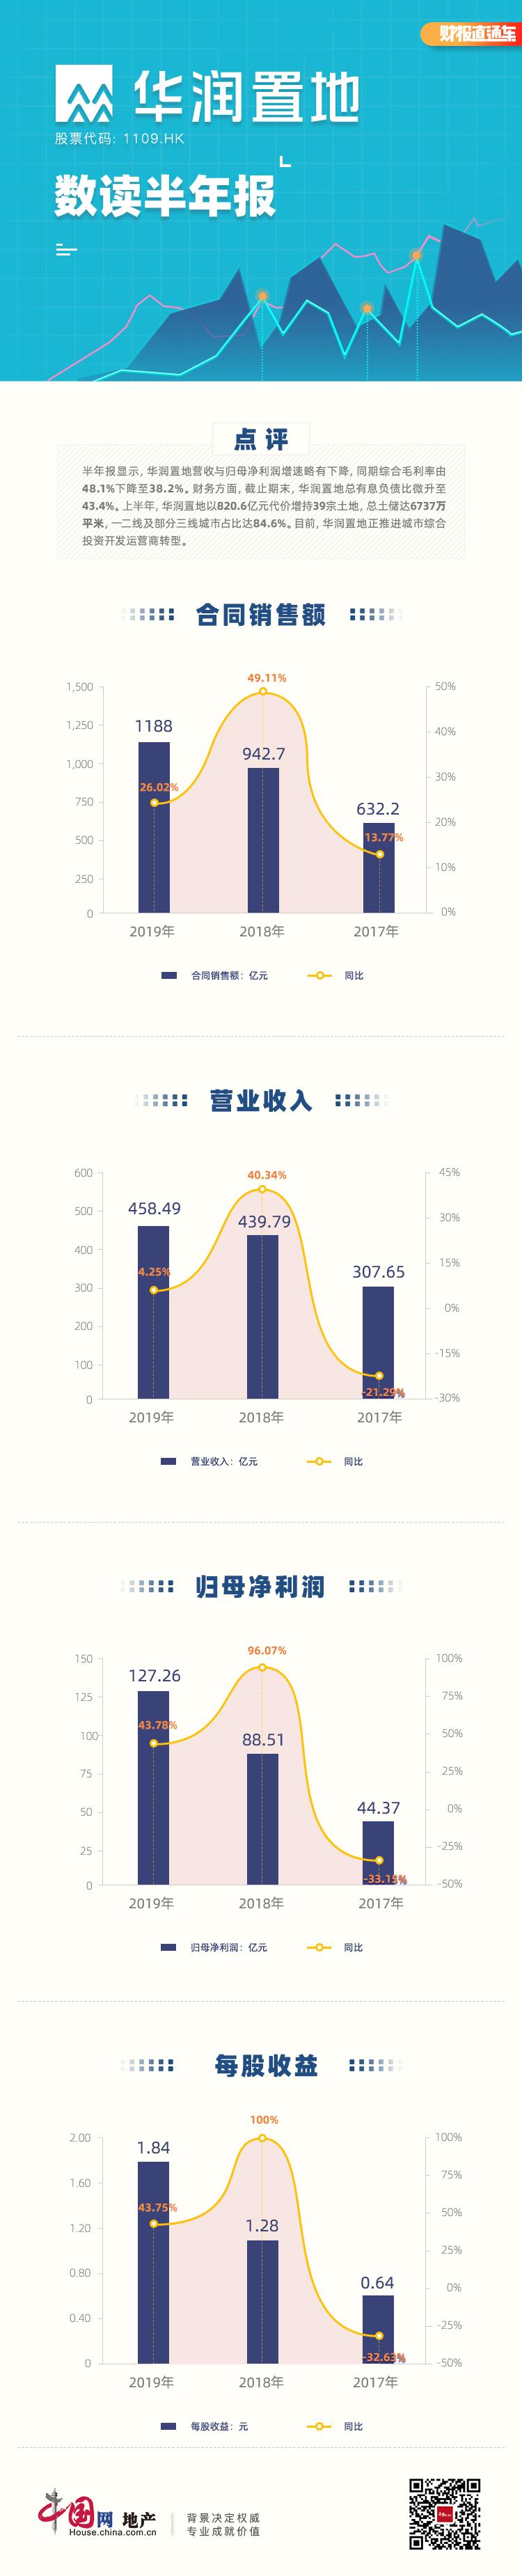 数读半年报|华润置地:营收利润增速放缓 期末有息负债比升至43.4%-中国网地产